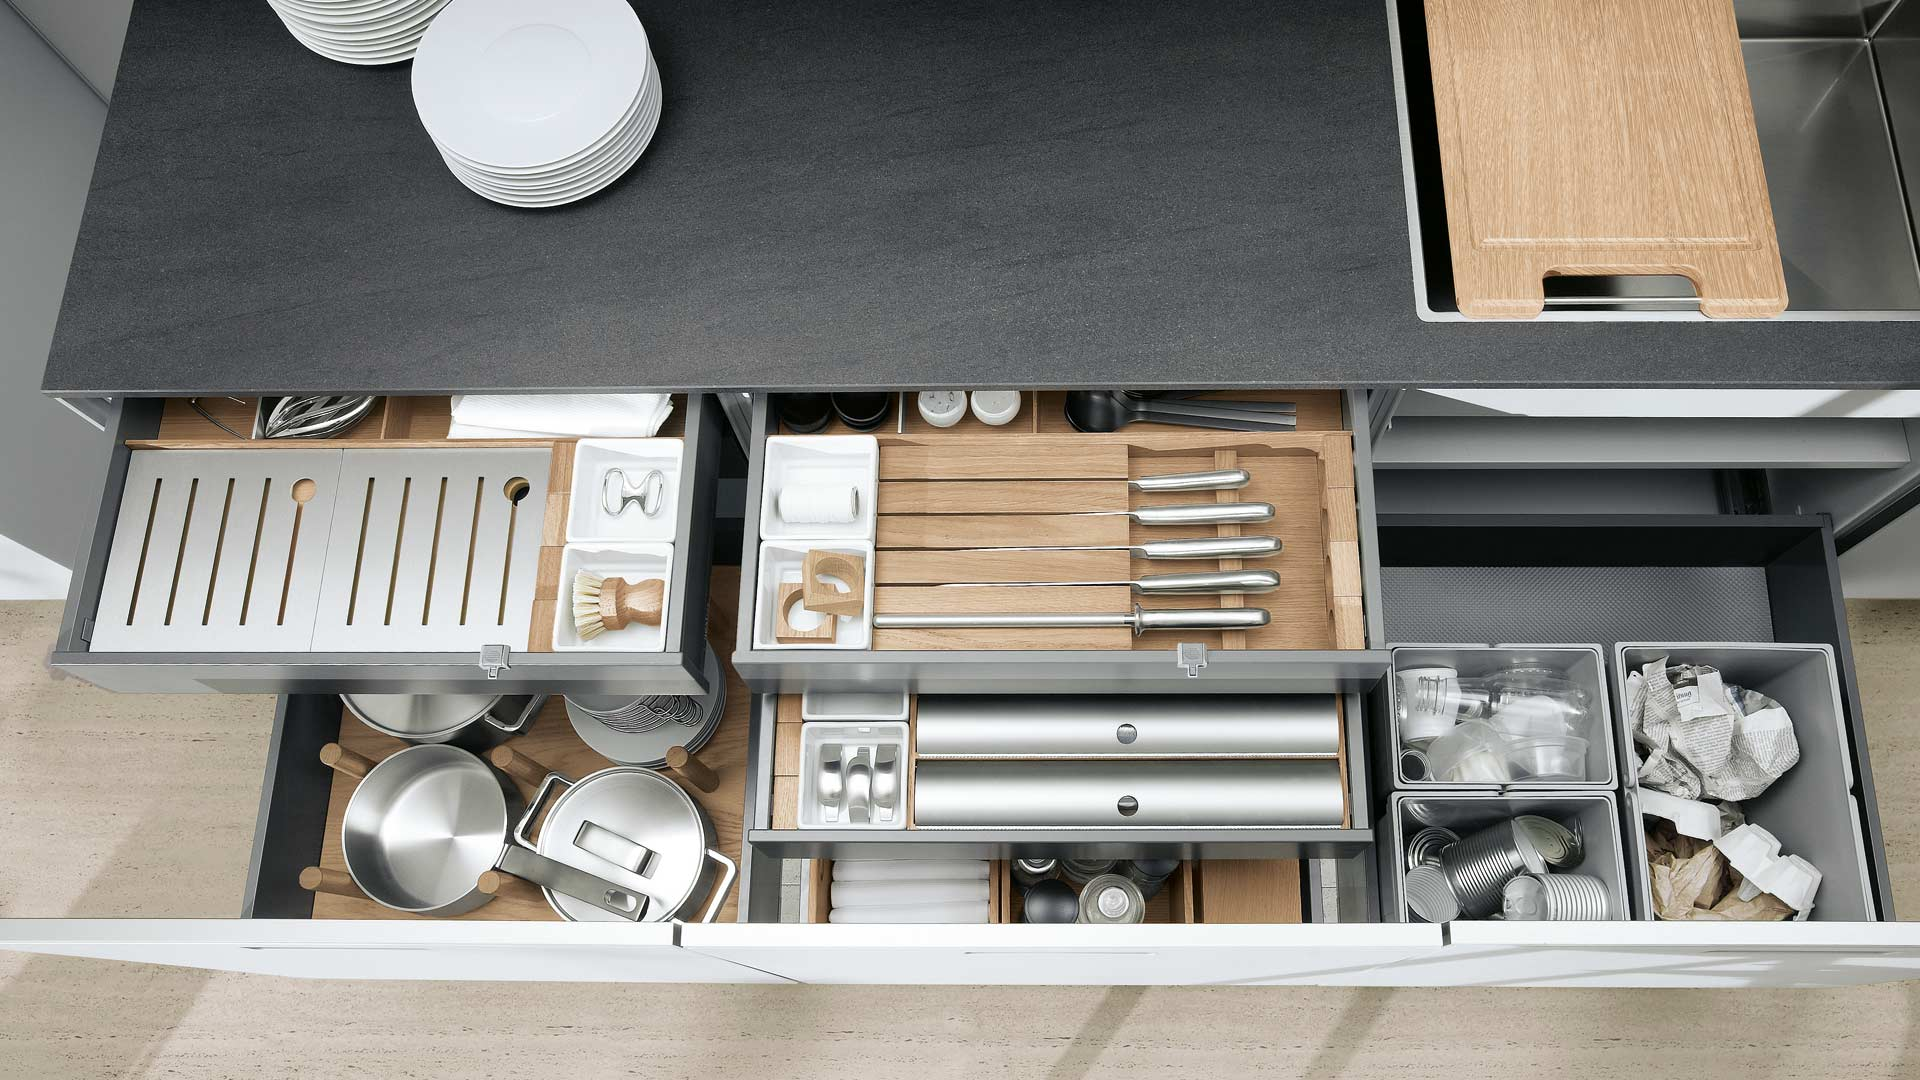 Full Size of Gewürze Schubladeneinsatz Stauraumlsungen Khen Design In Kriftel Kchenpartner Schubbach Küche Wohnzimmer Gewürze Schubladeneinsatz